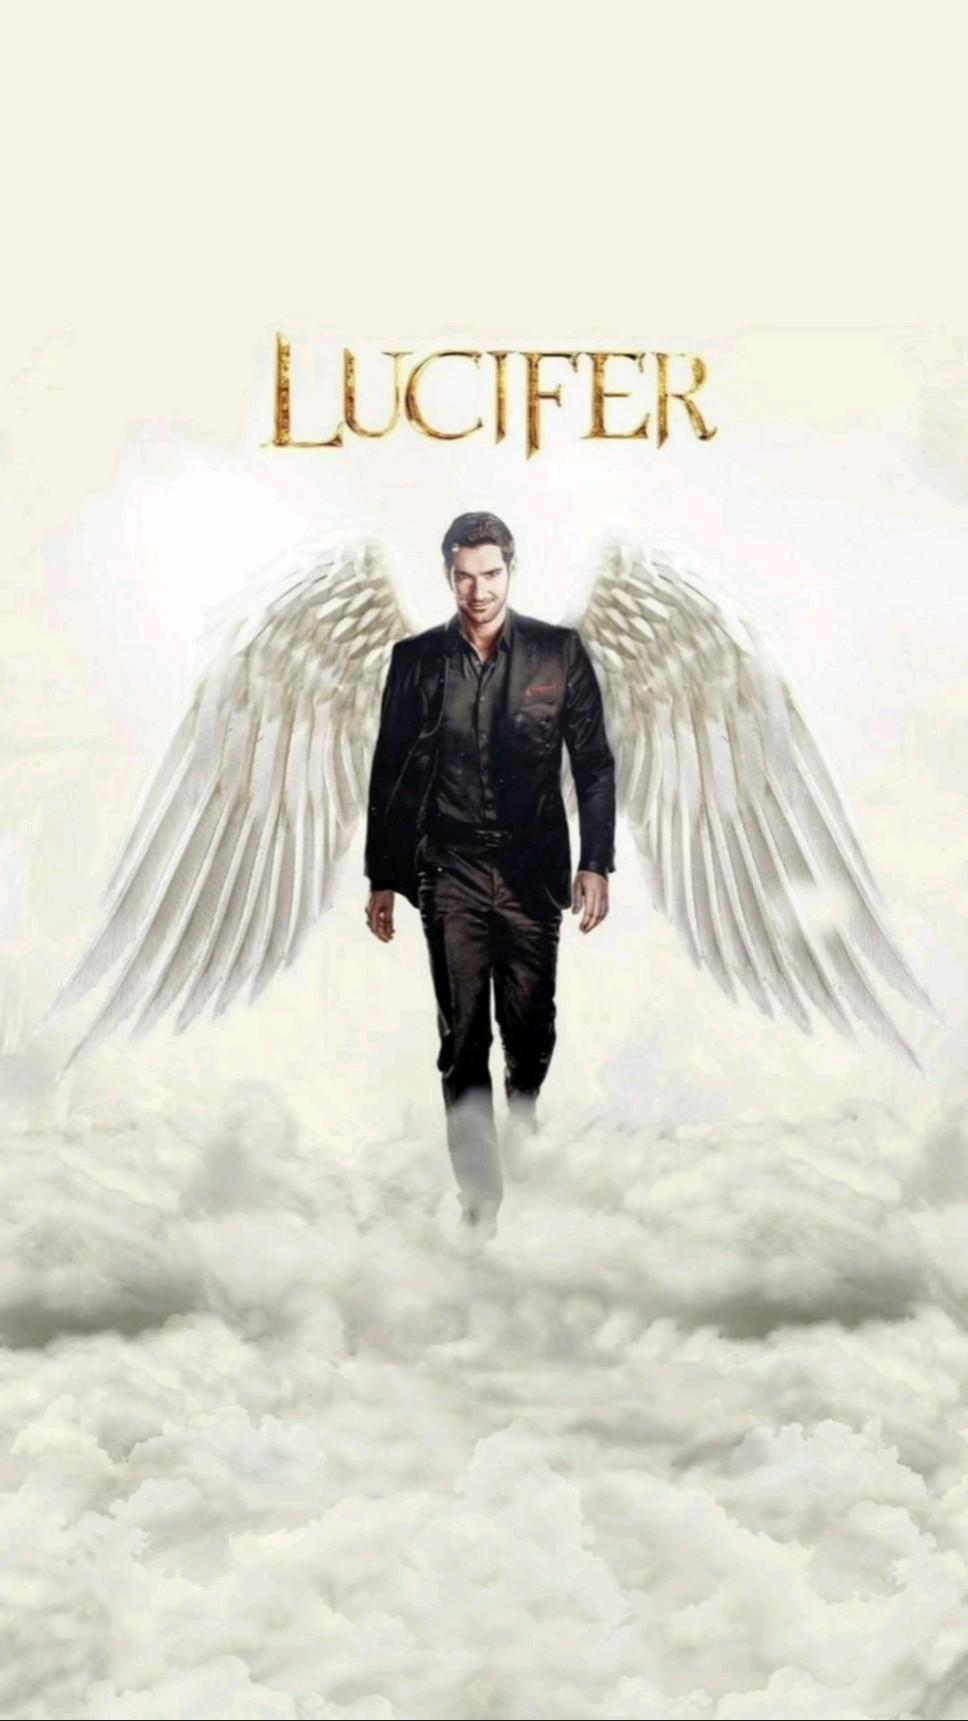 Lucifer merchandise